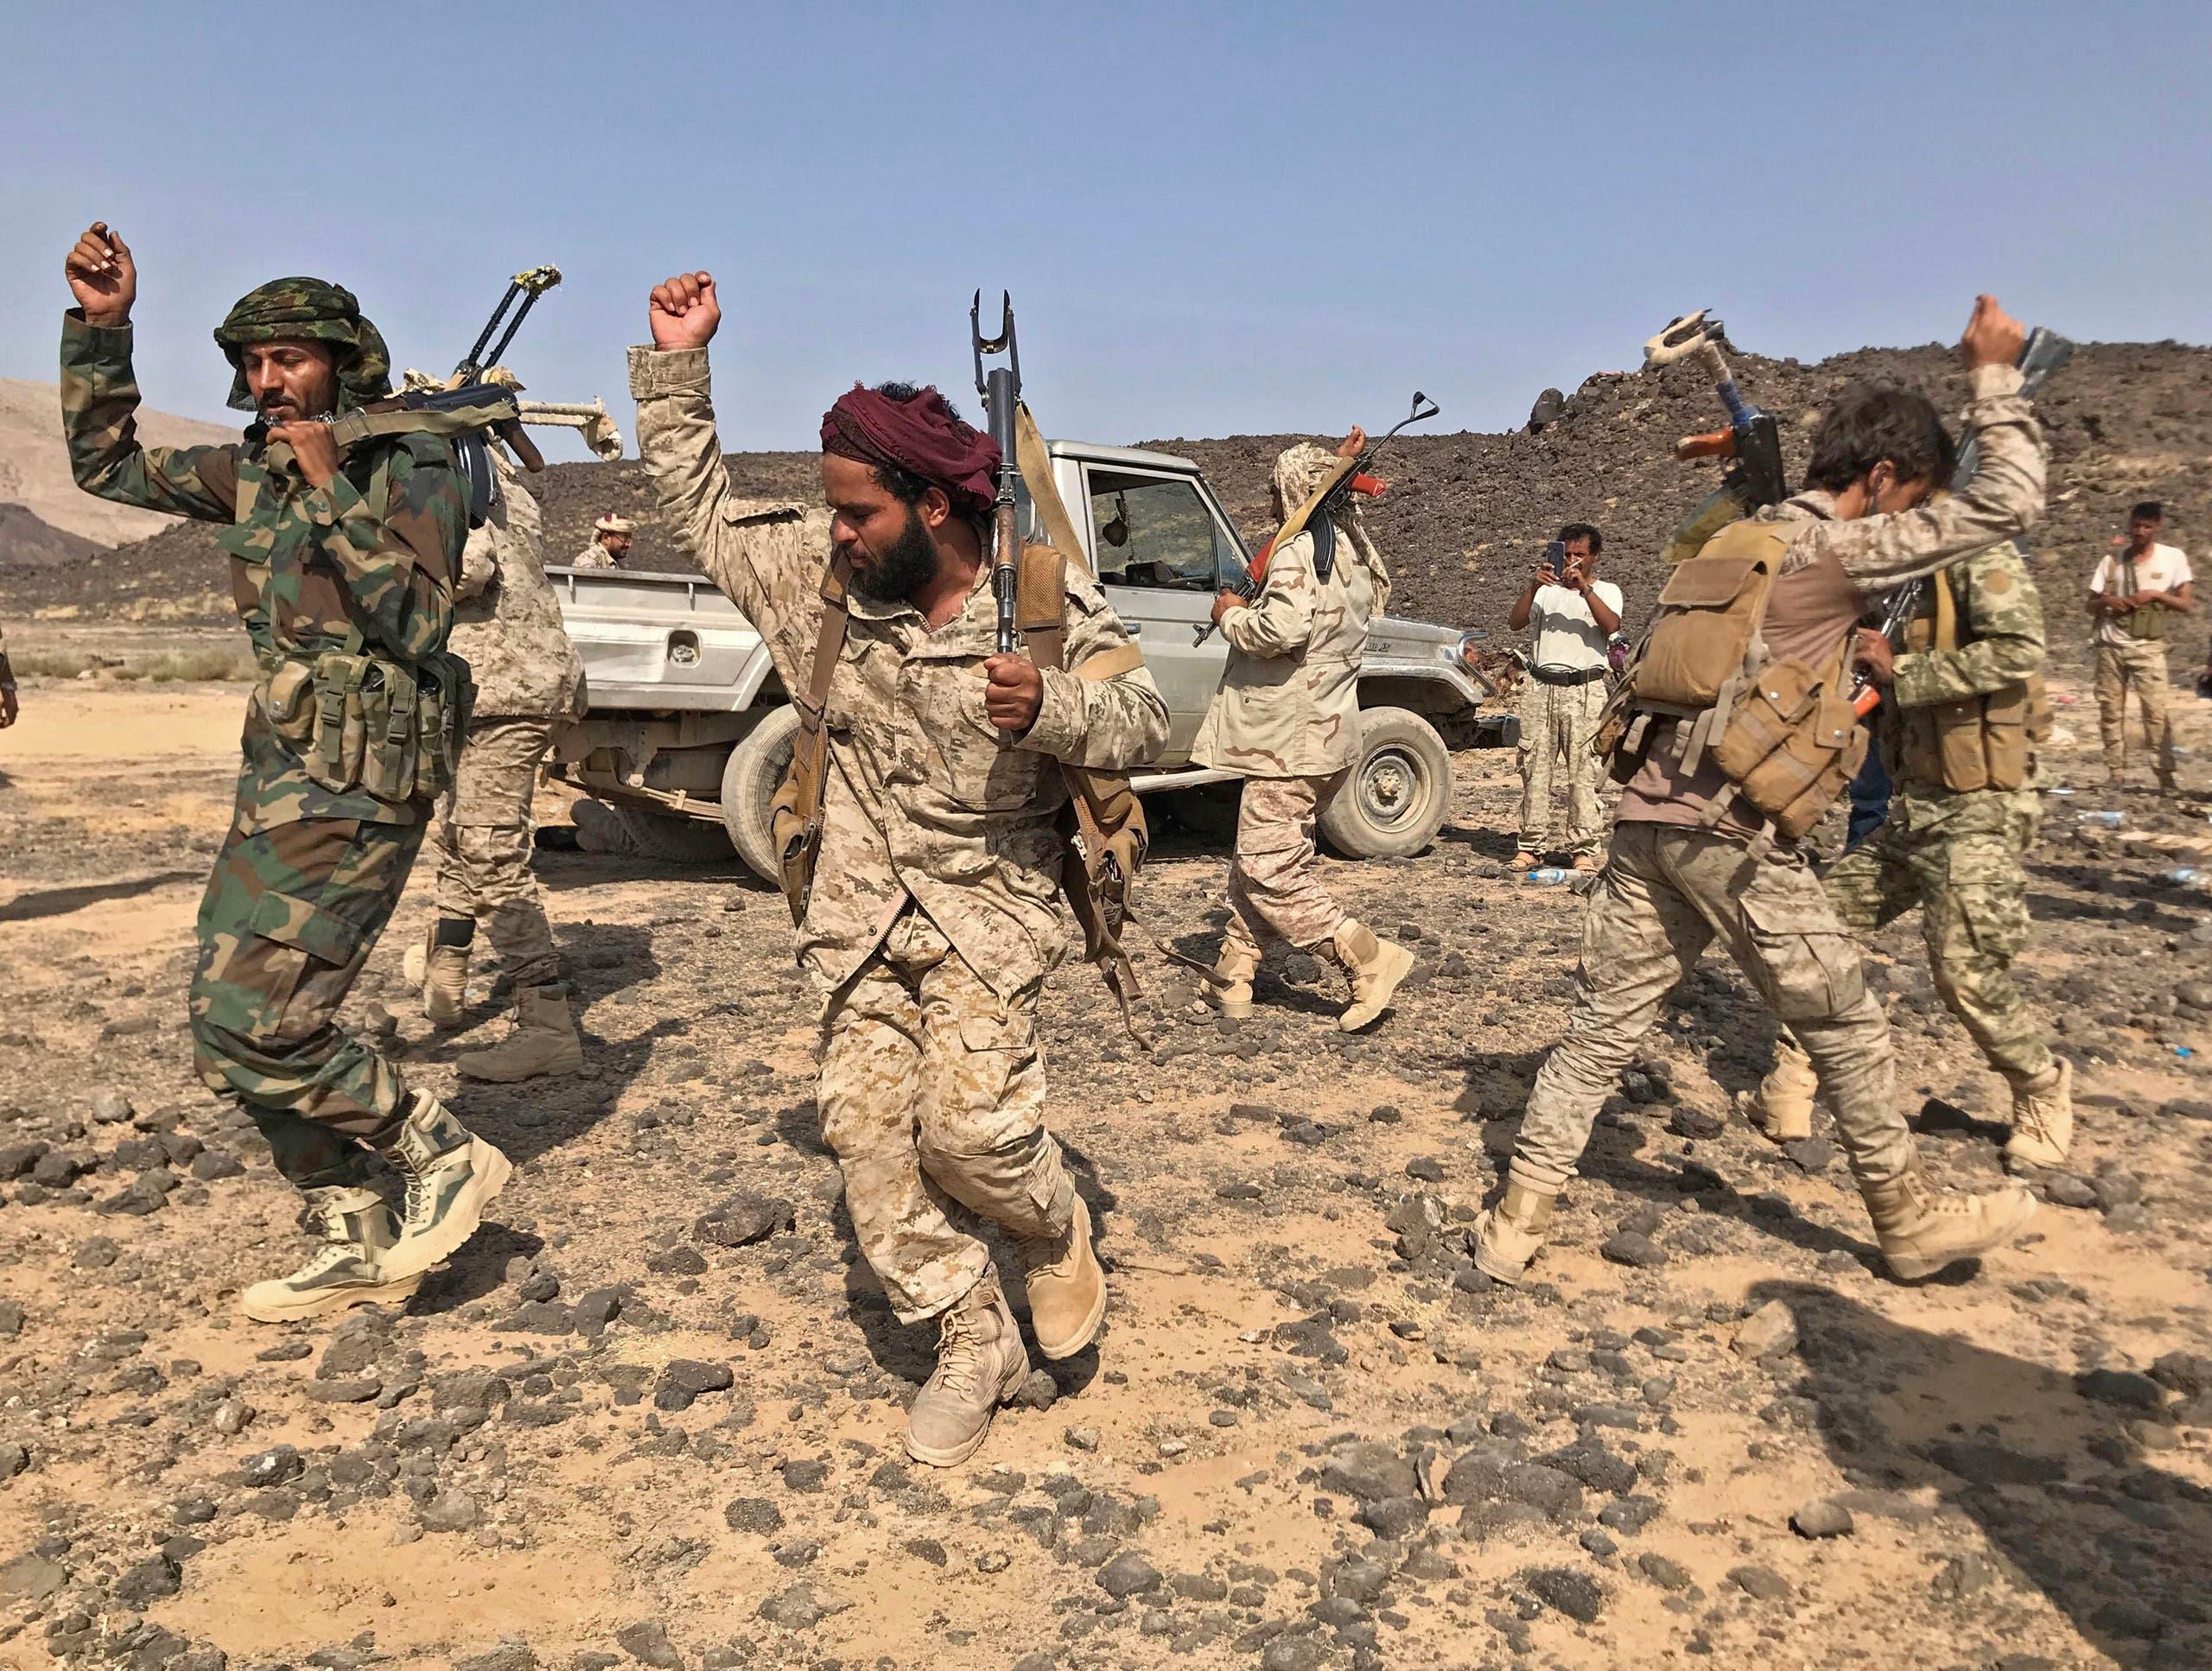 عناصر من الجيش اليمني في مأرب (أرشيفية- فرانس برس)